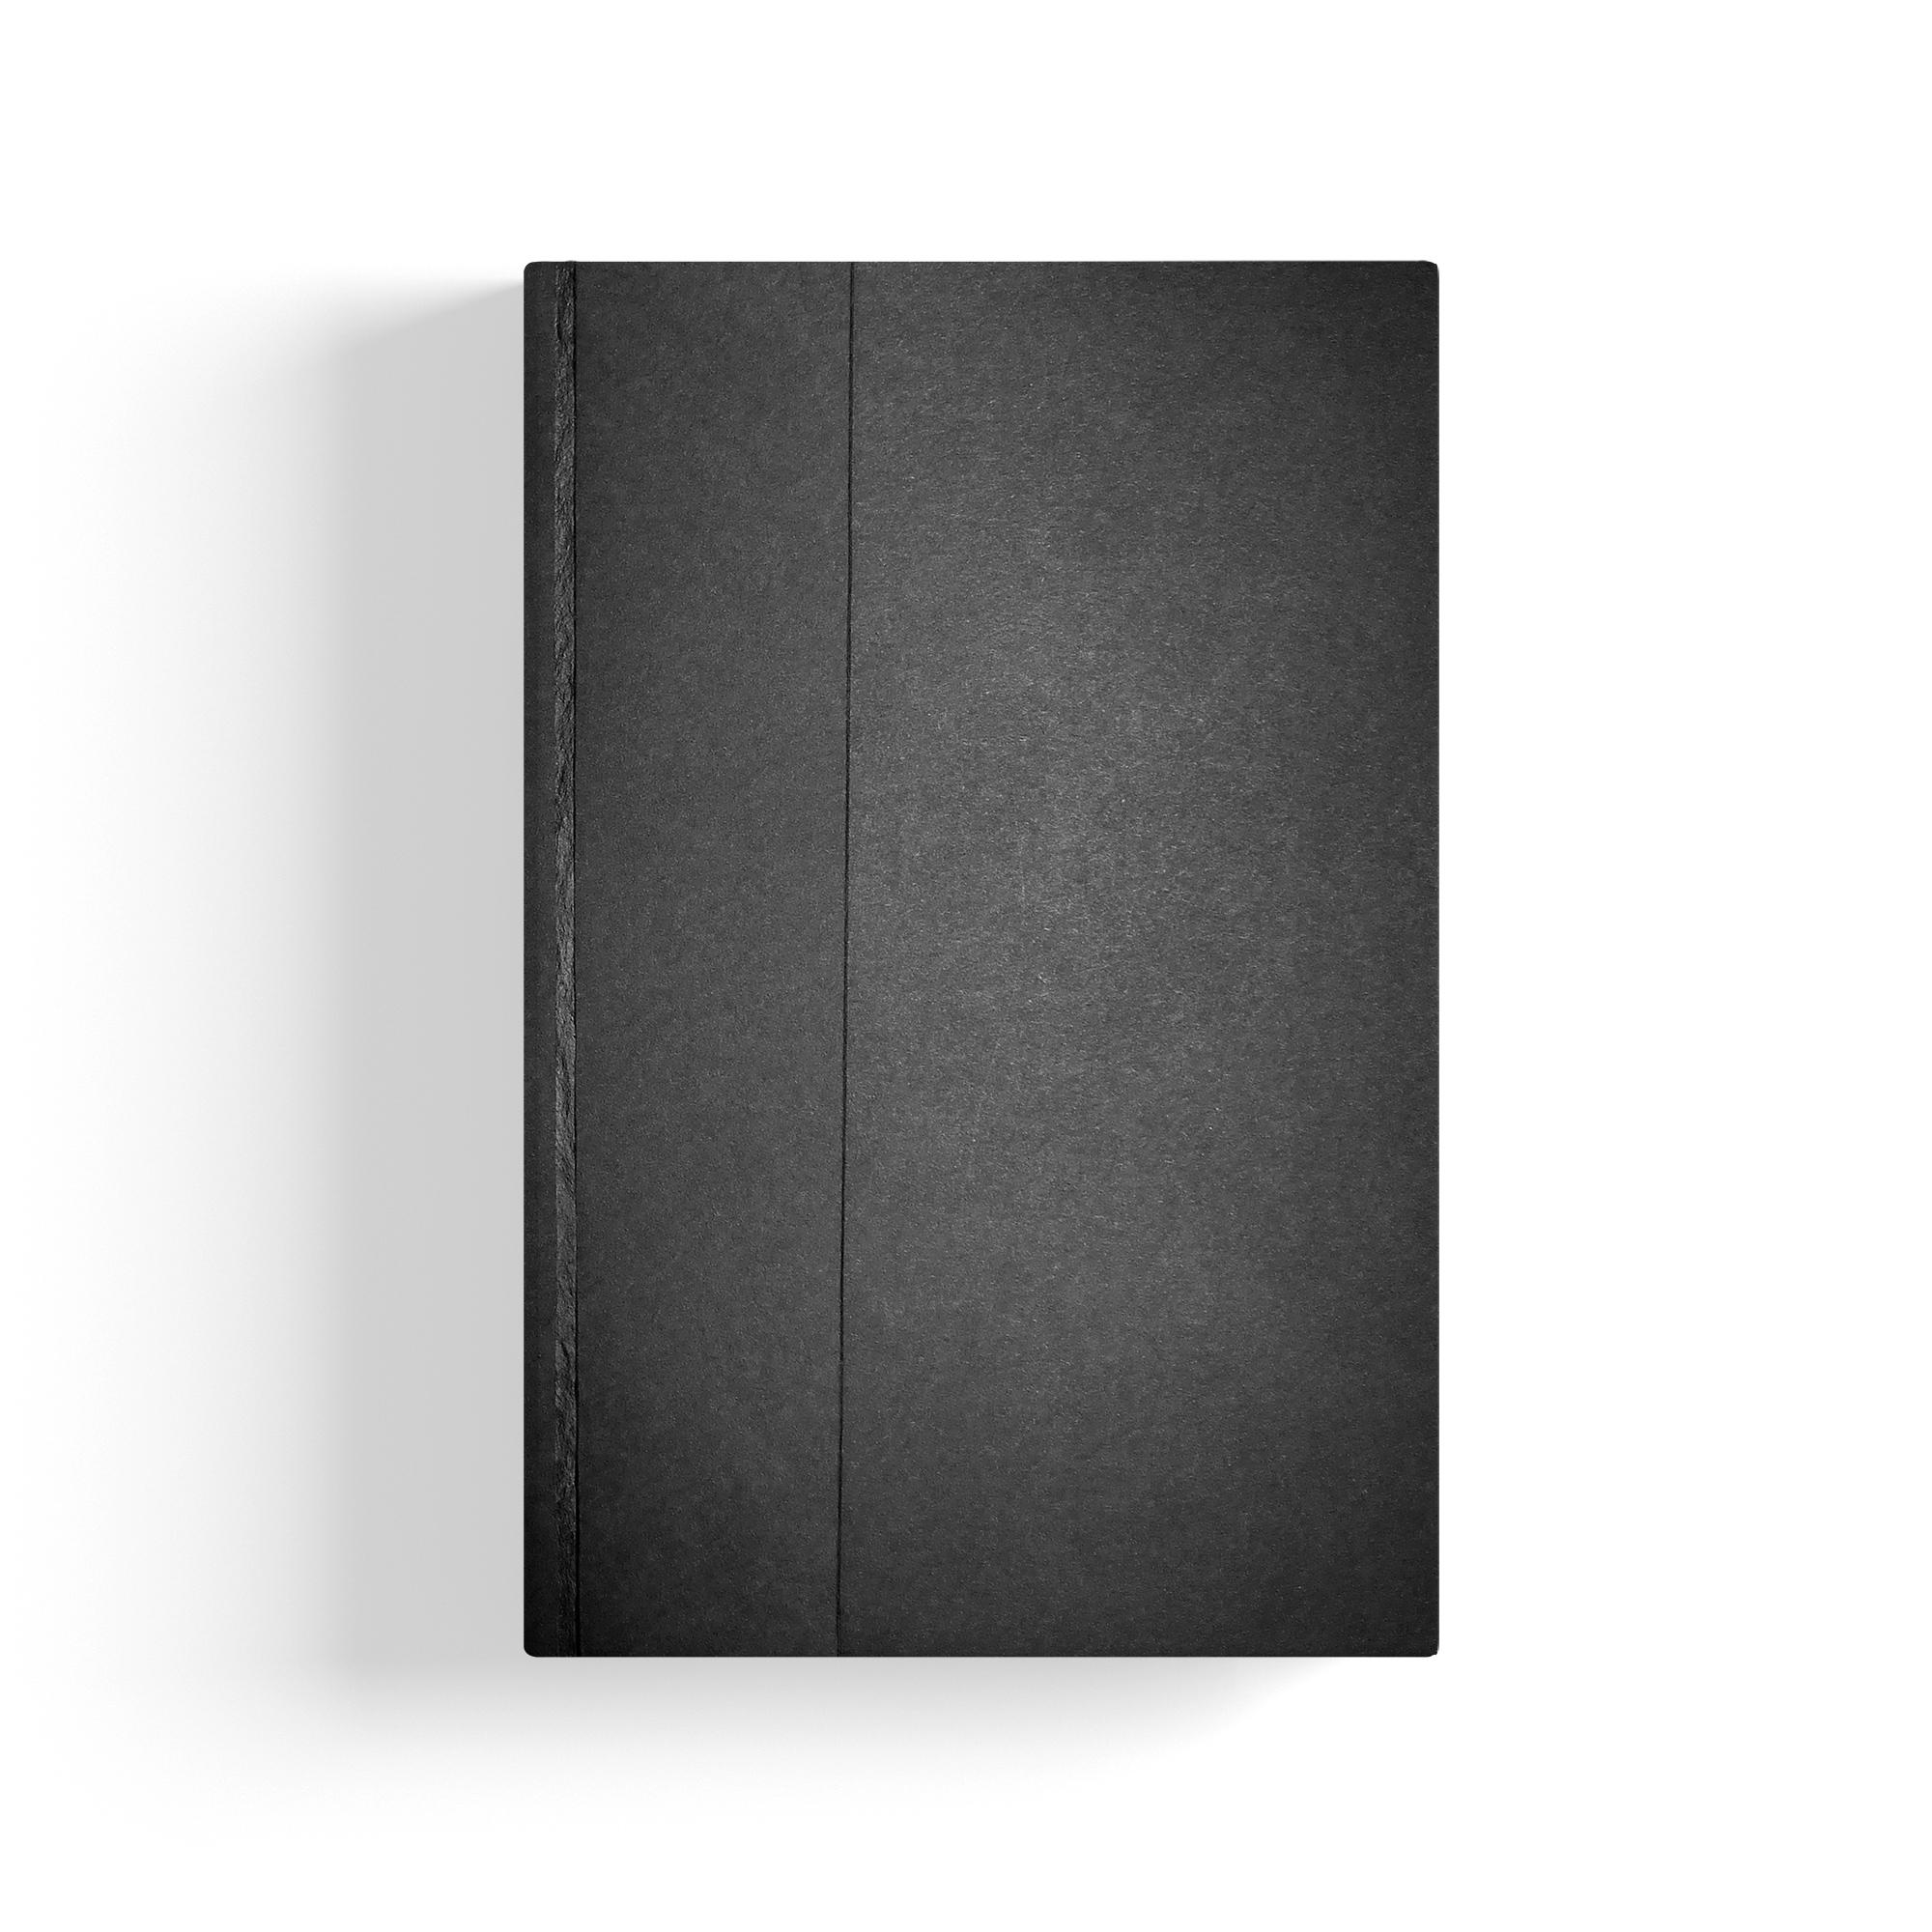 Sounds et al notebook001 cover